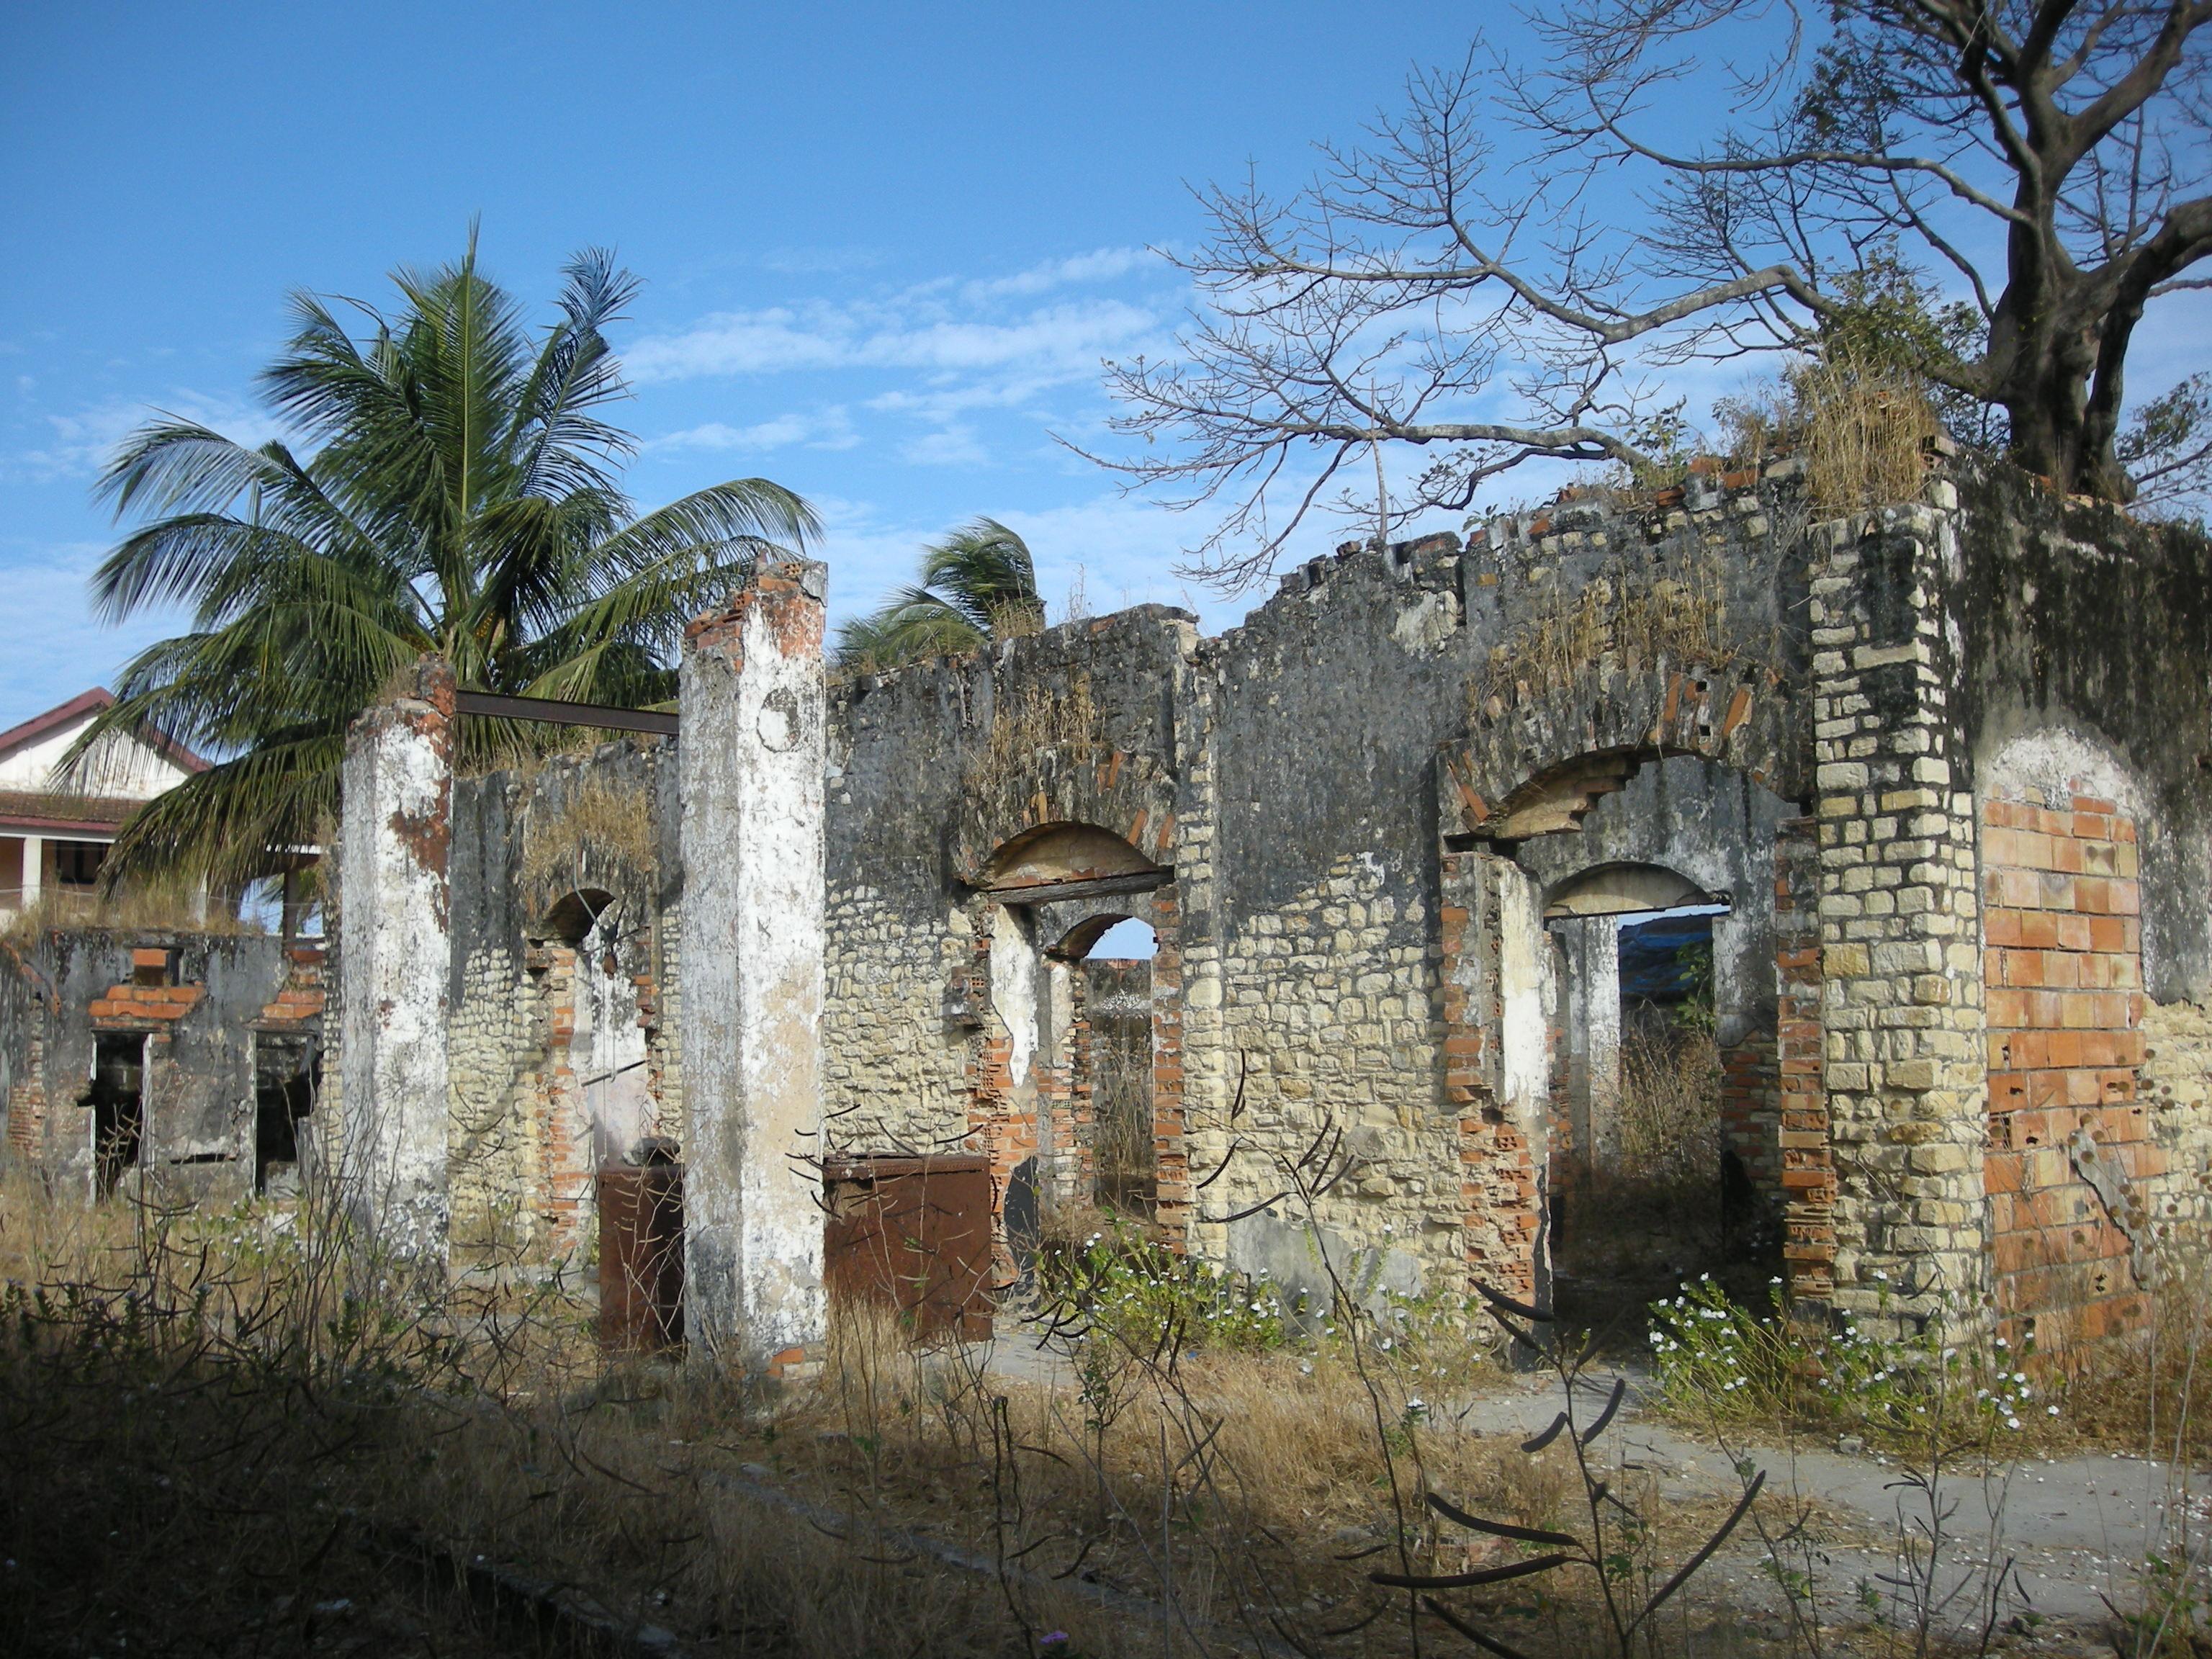 Carabane for Acheter une maison au senegal dakar